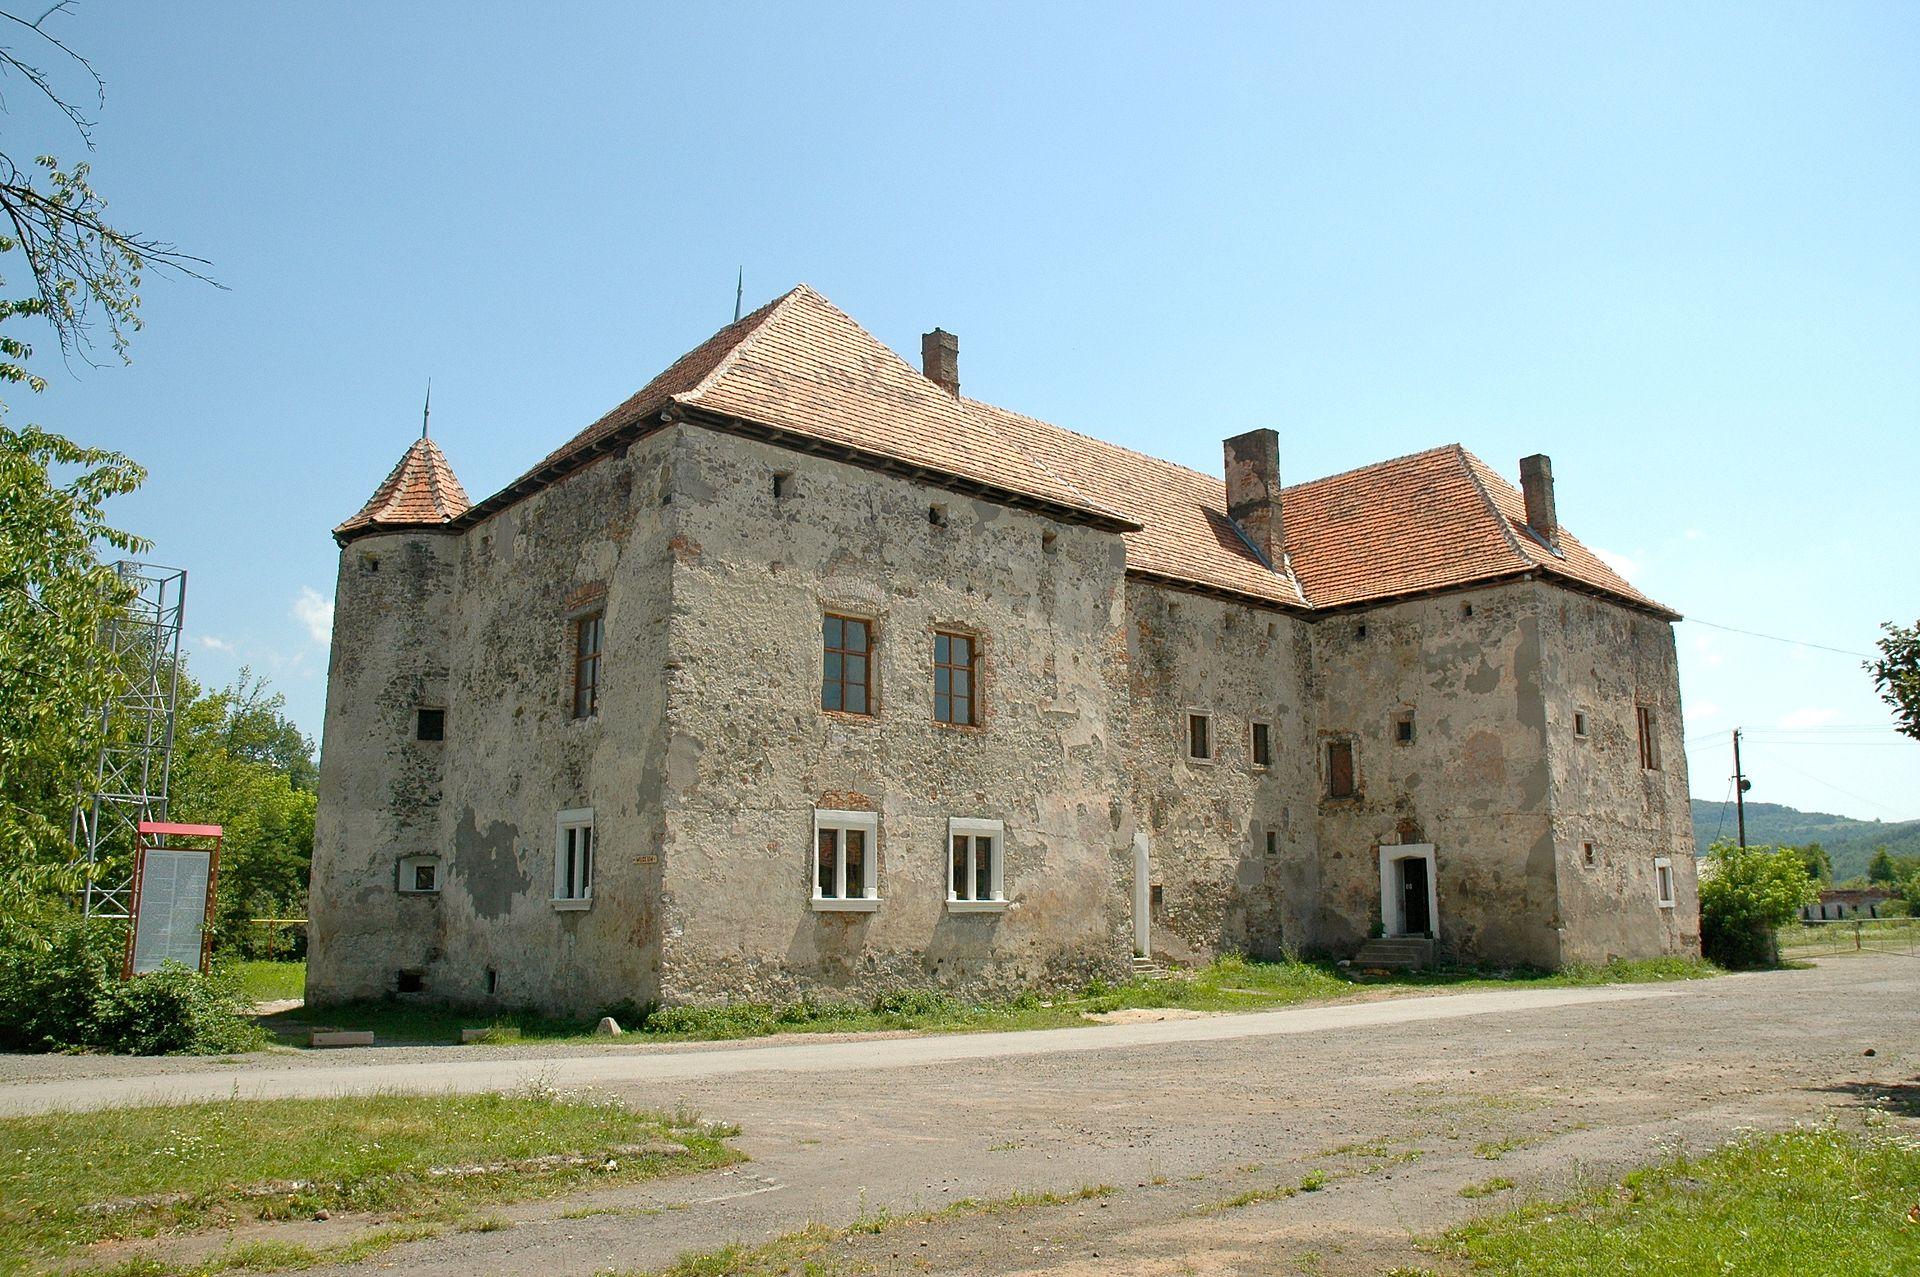 Без дорог и реставрации: почему в украинские замки едет мало туристов